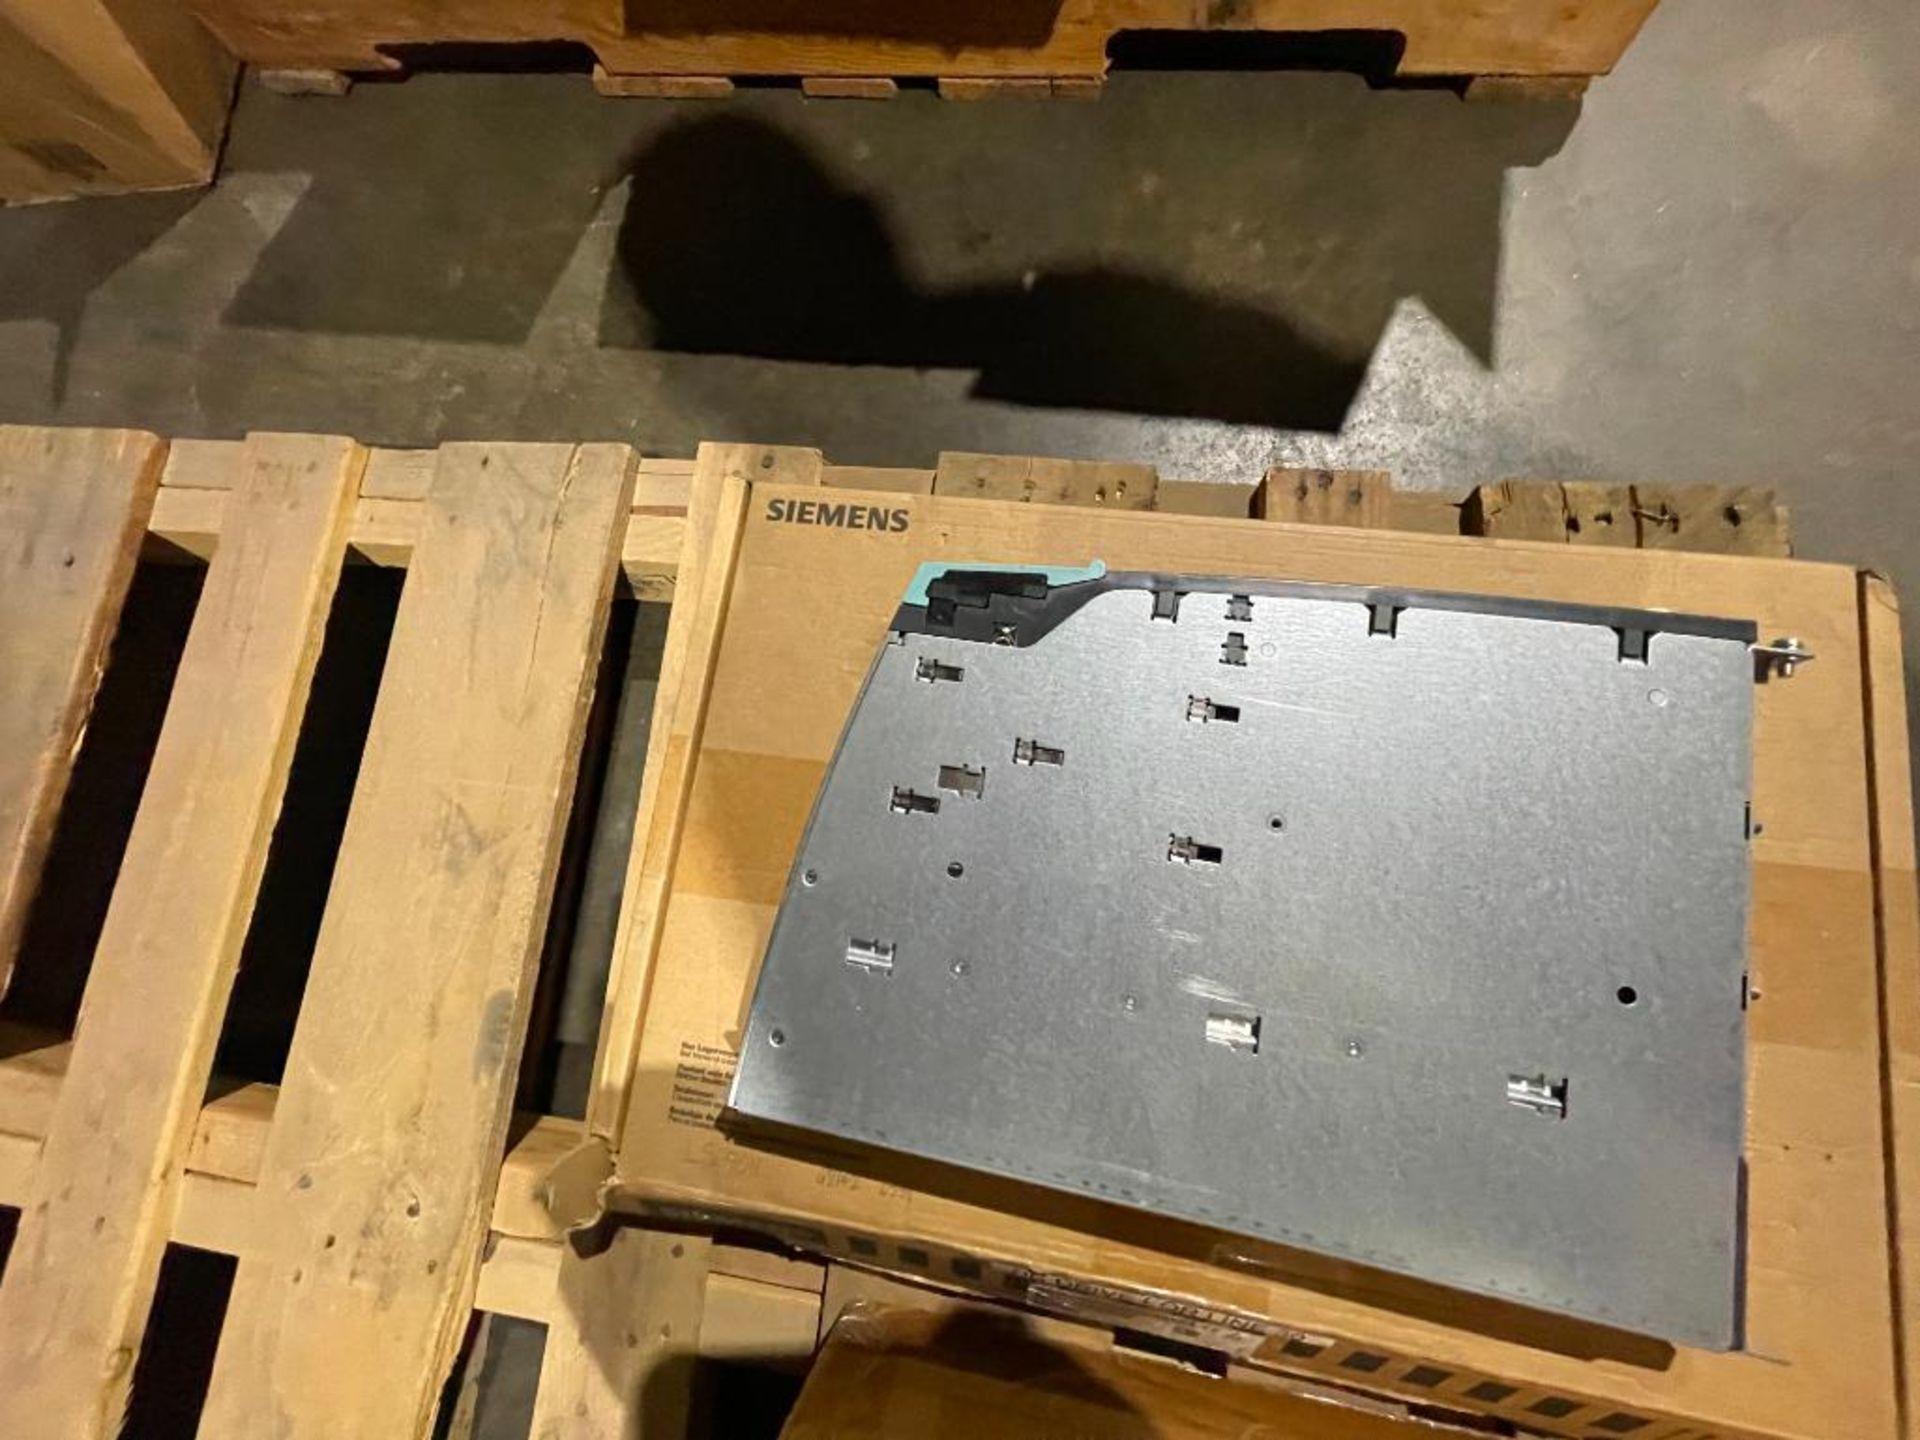 Wonderware touch screen panel - Image 4 of 6